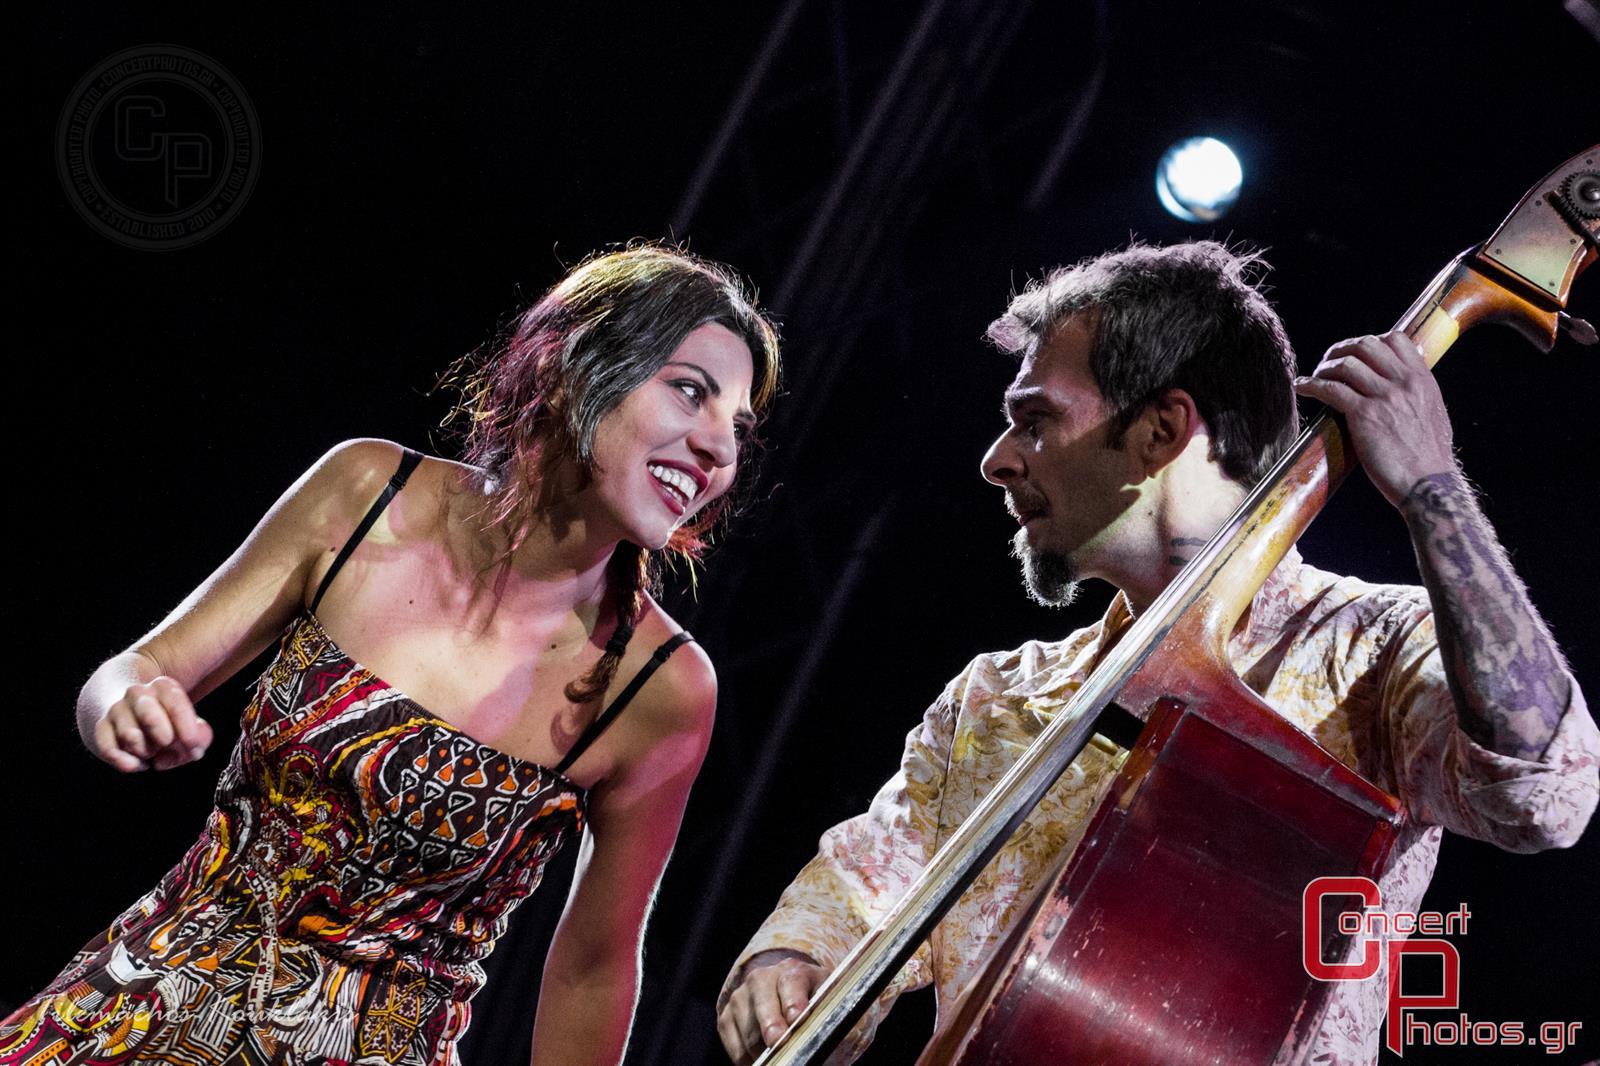 Μία συναυλία για τη Σχεδία 2014-Sxedia 2014 photographer:  - concertphotos_20140530_20_13_34